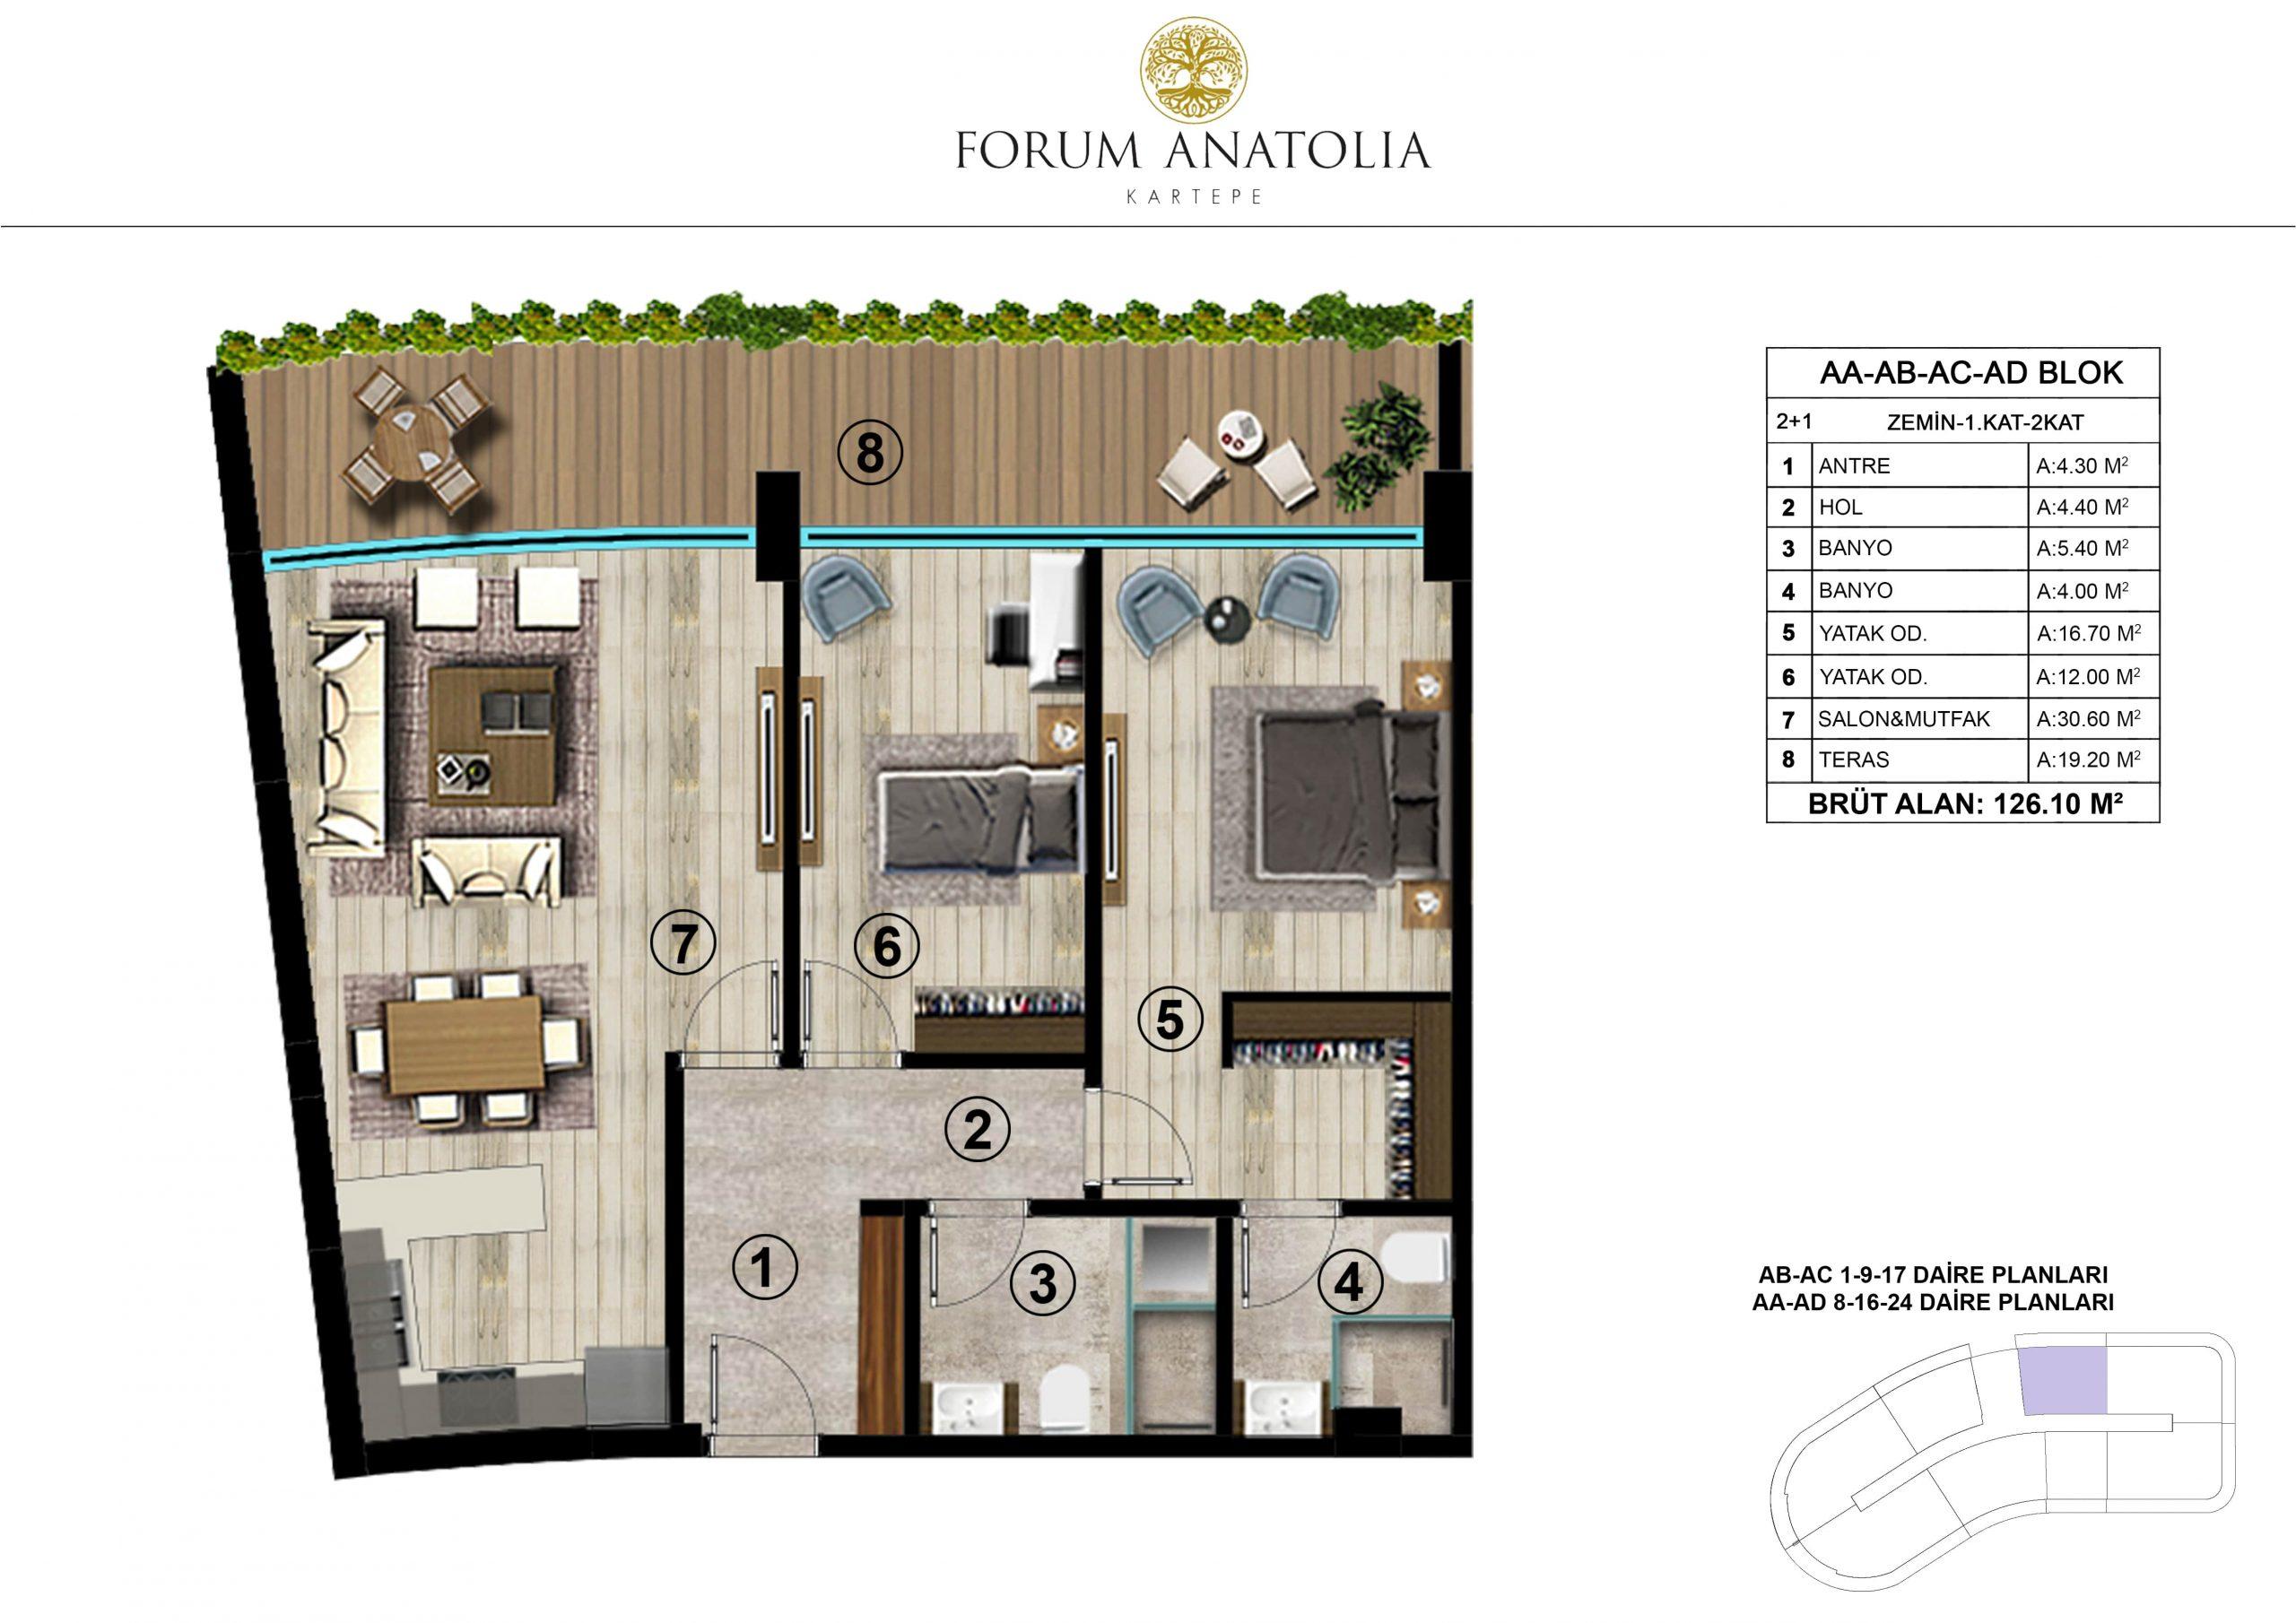 Forum Anatolia Kartepe 21 Kat Plani scaled